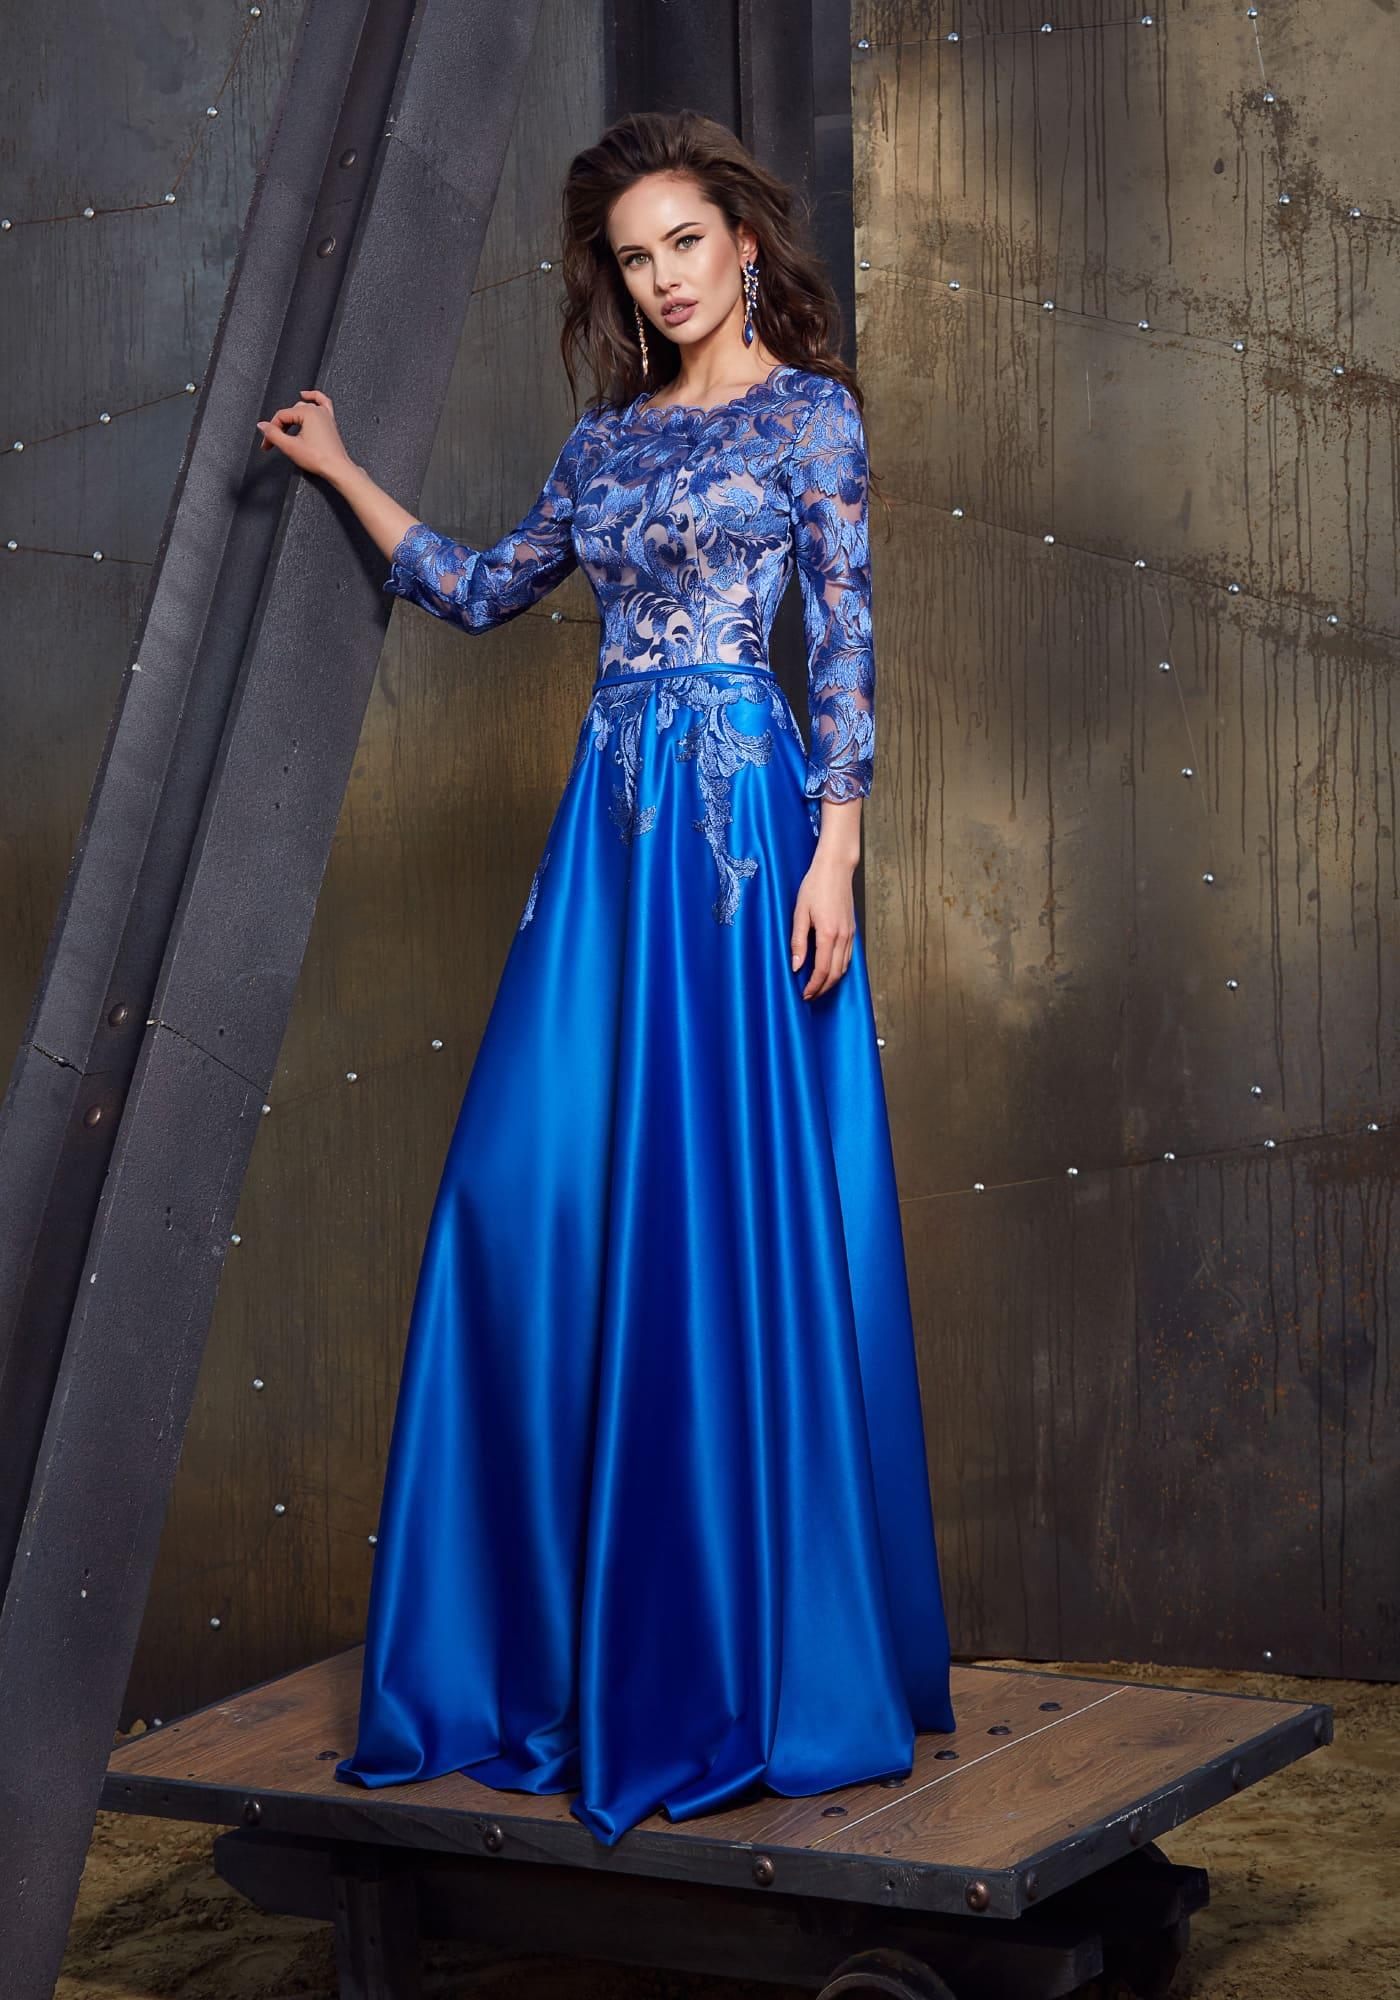 Яркое синее вечернее платье элегантного А-силуэта, с длинным рукавом и цветочным декором.